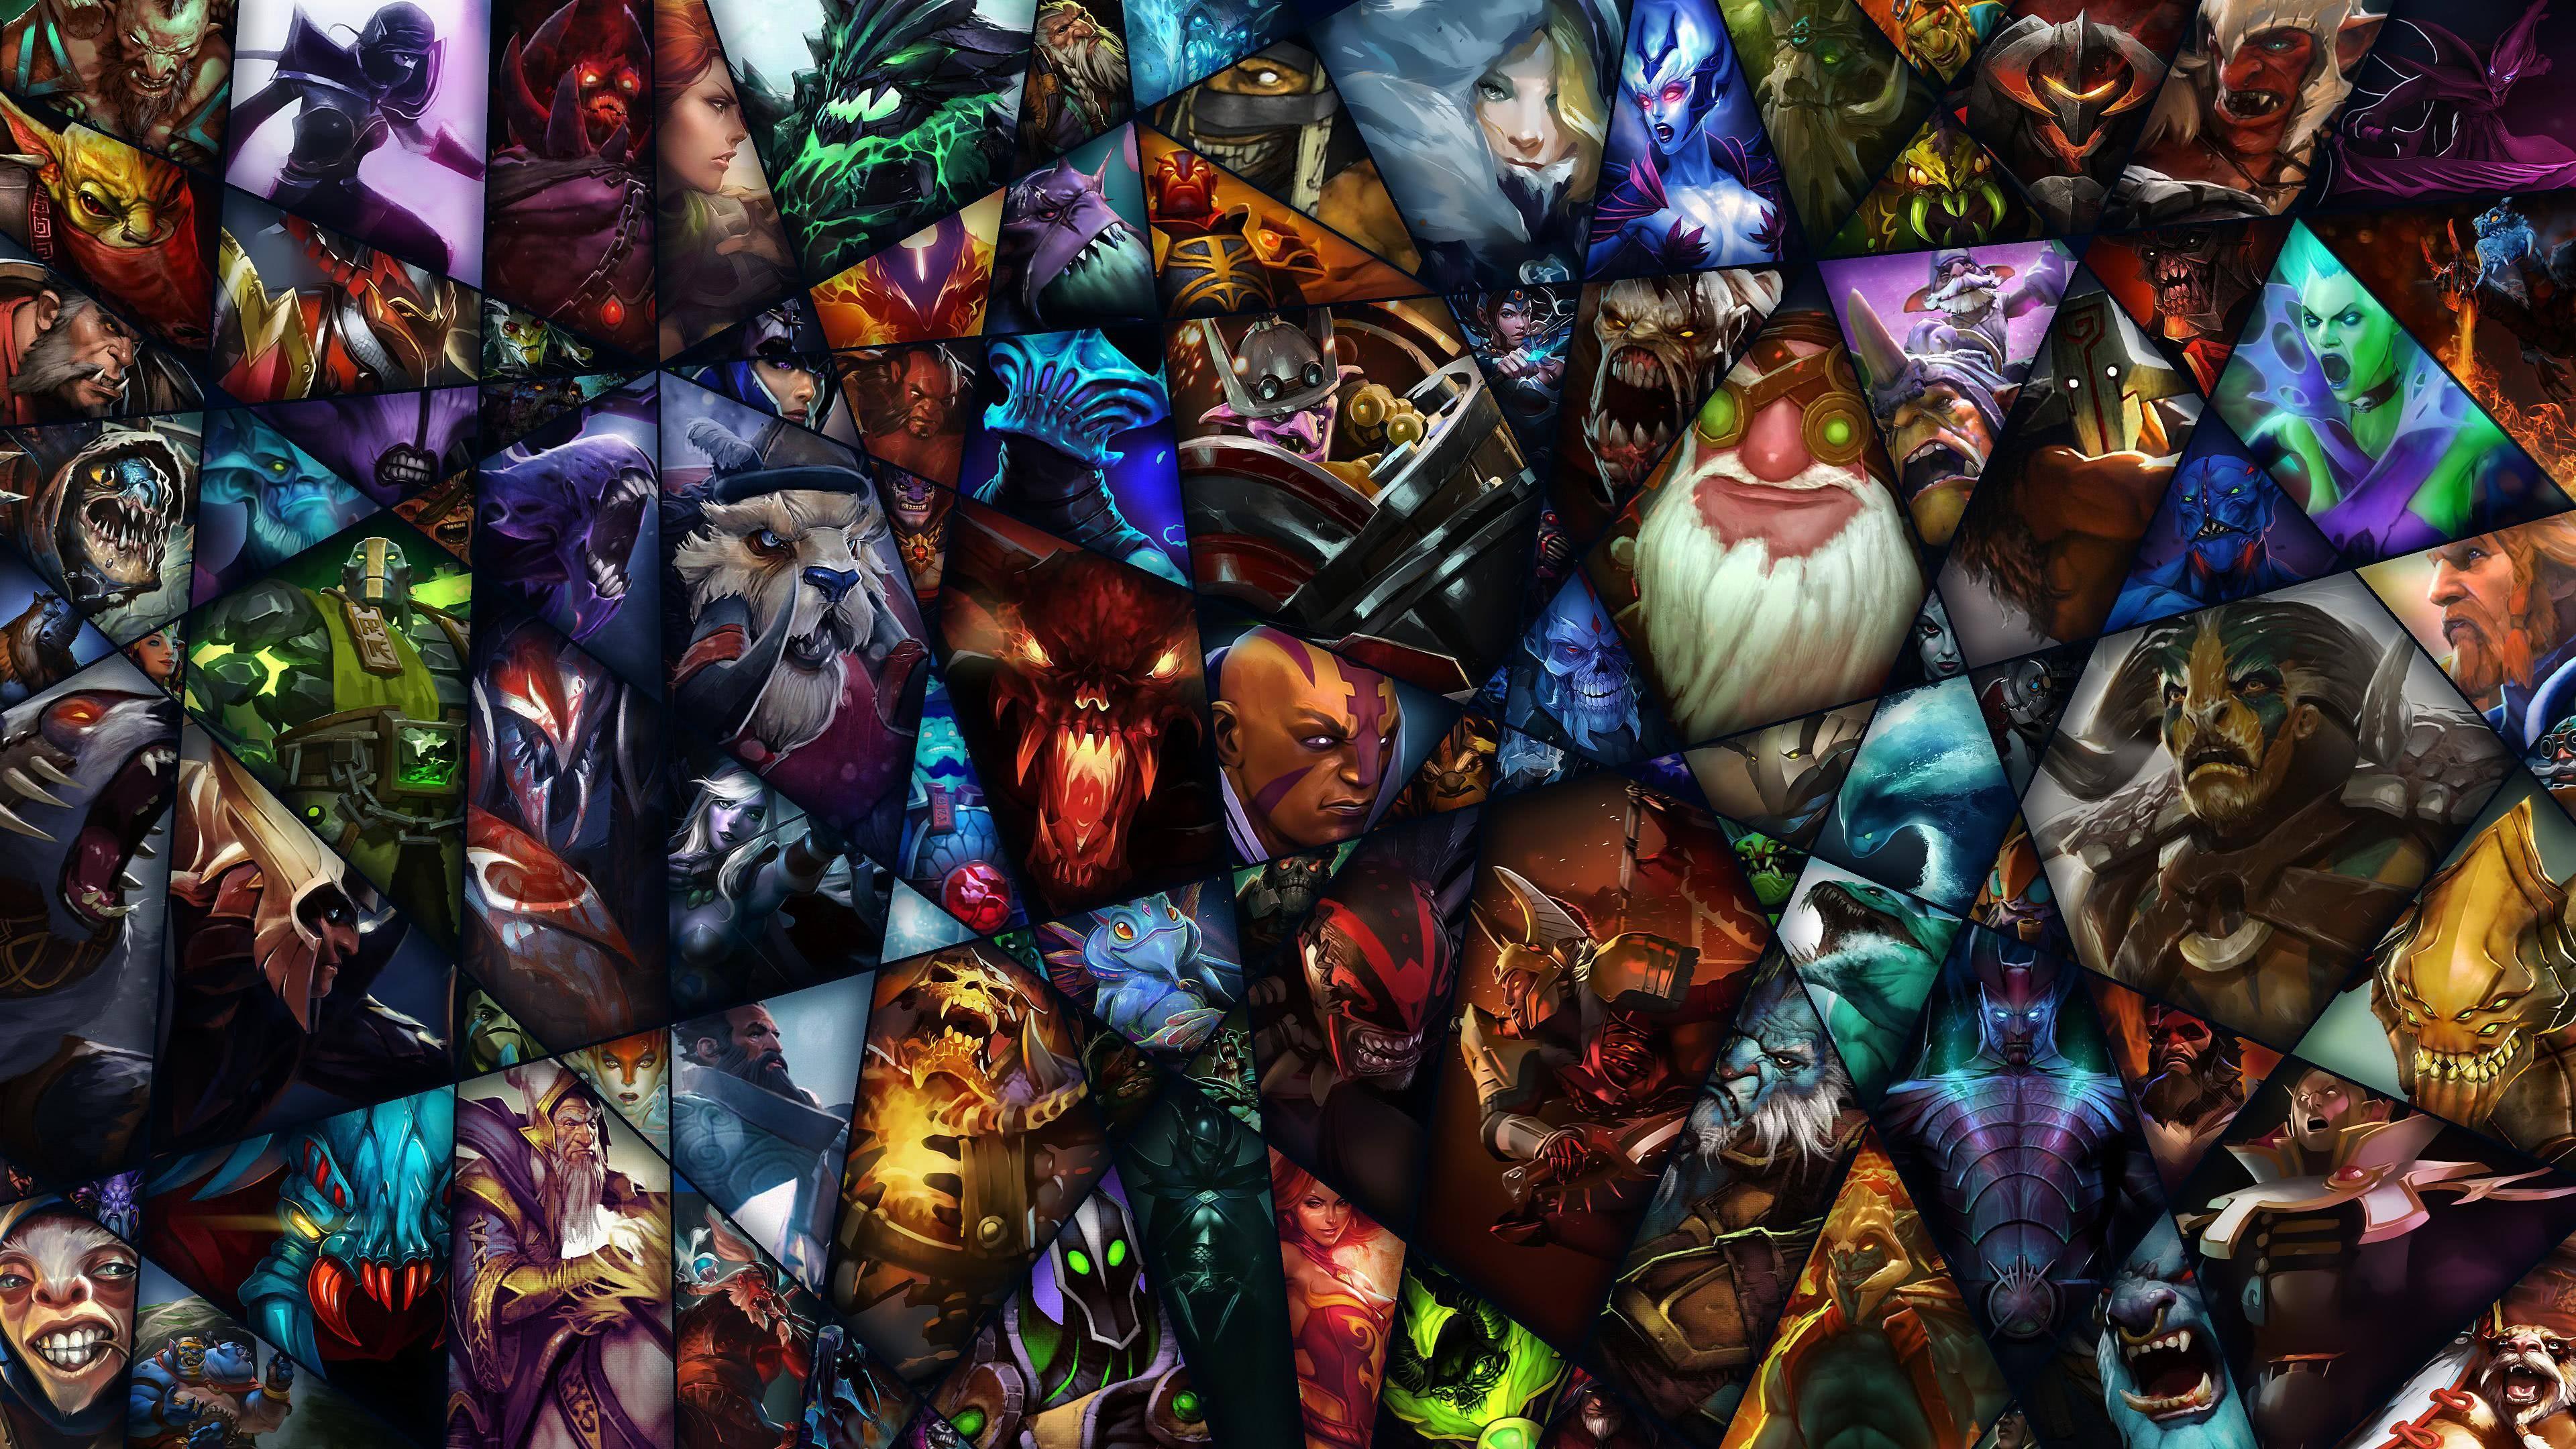 Dota 2 Heroes UHD 4K Wallpaper | Pixelz